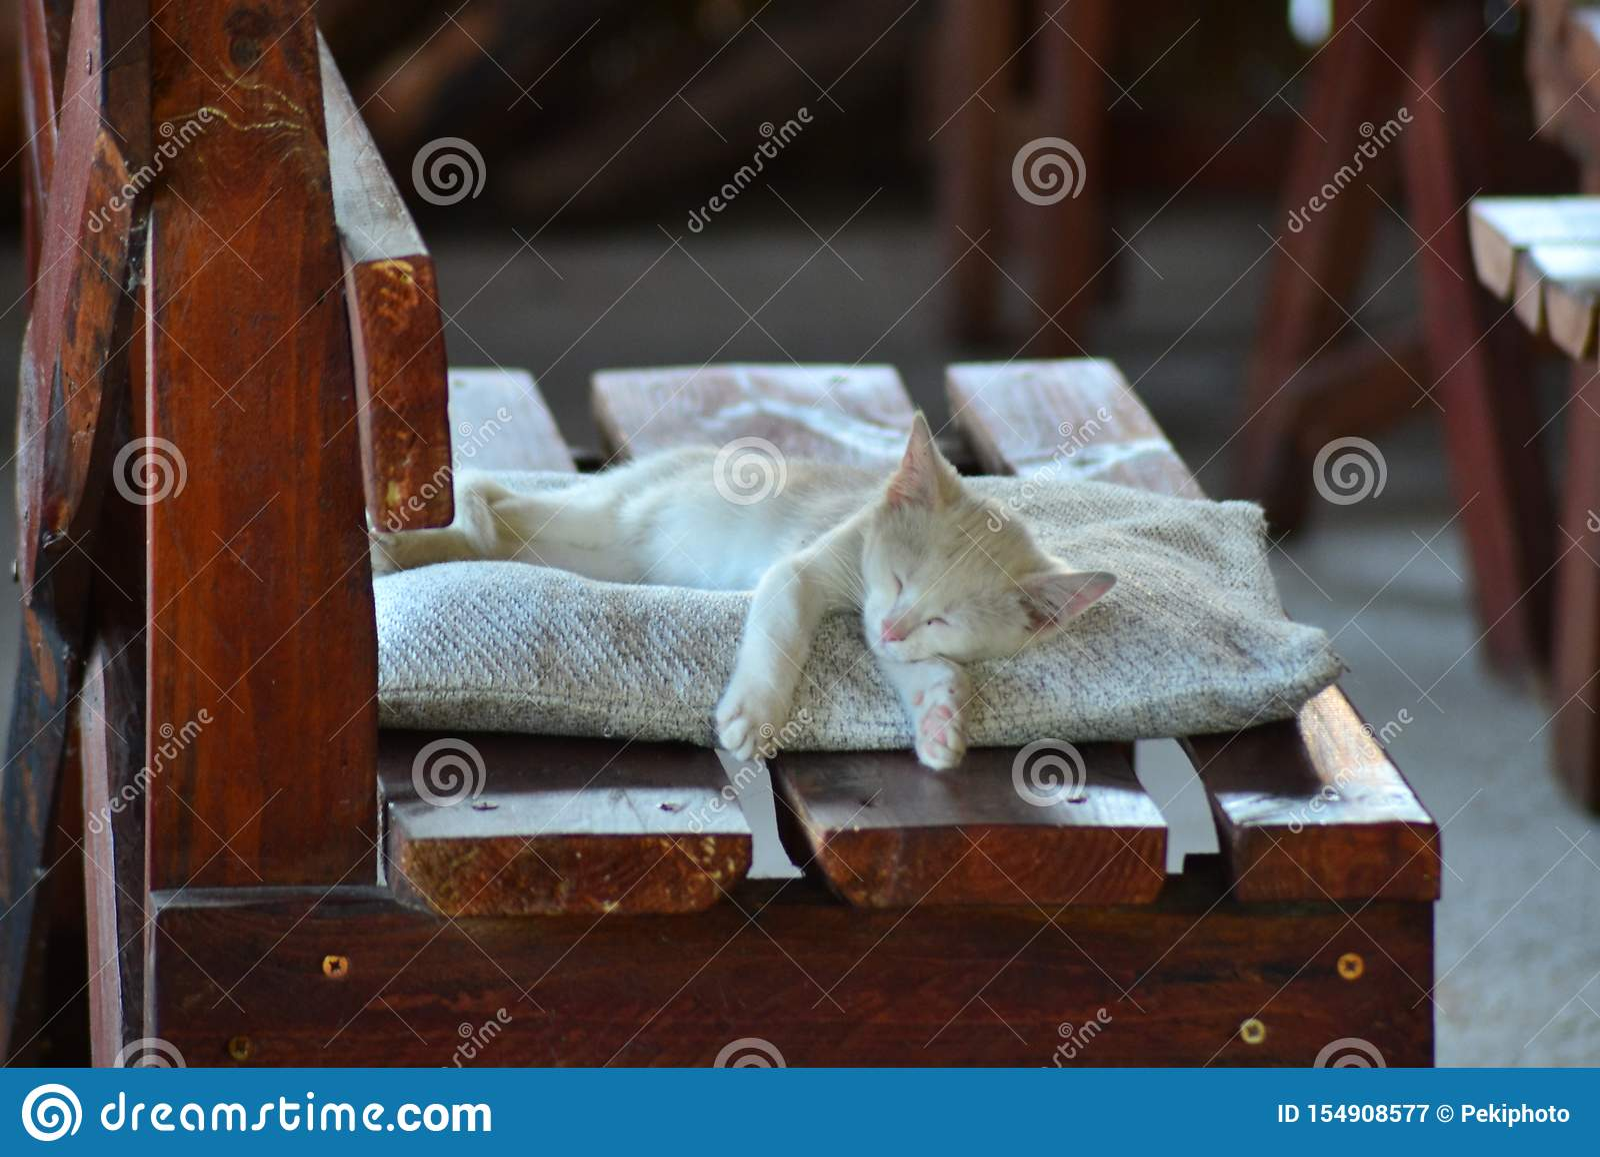 white Kitten dreaming peacefully